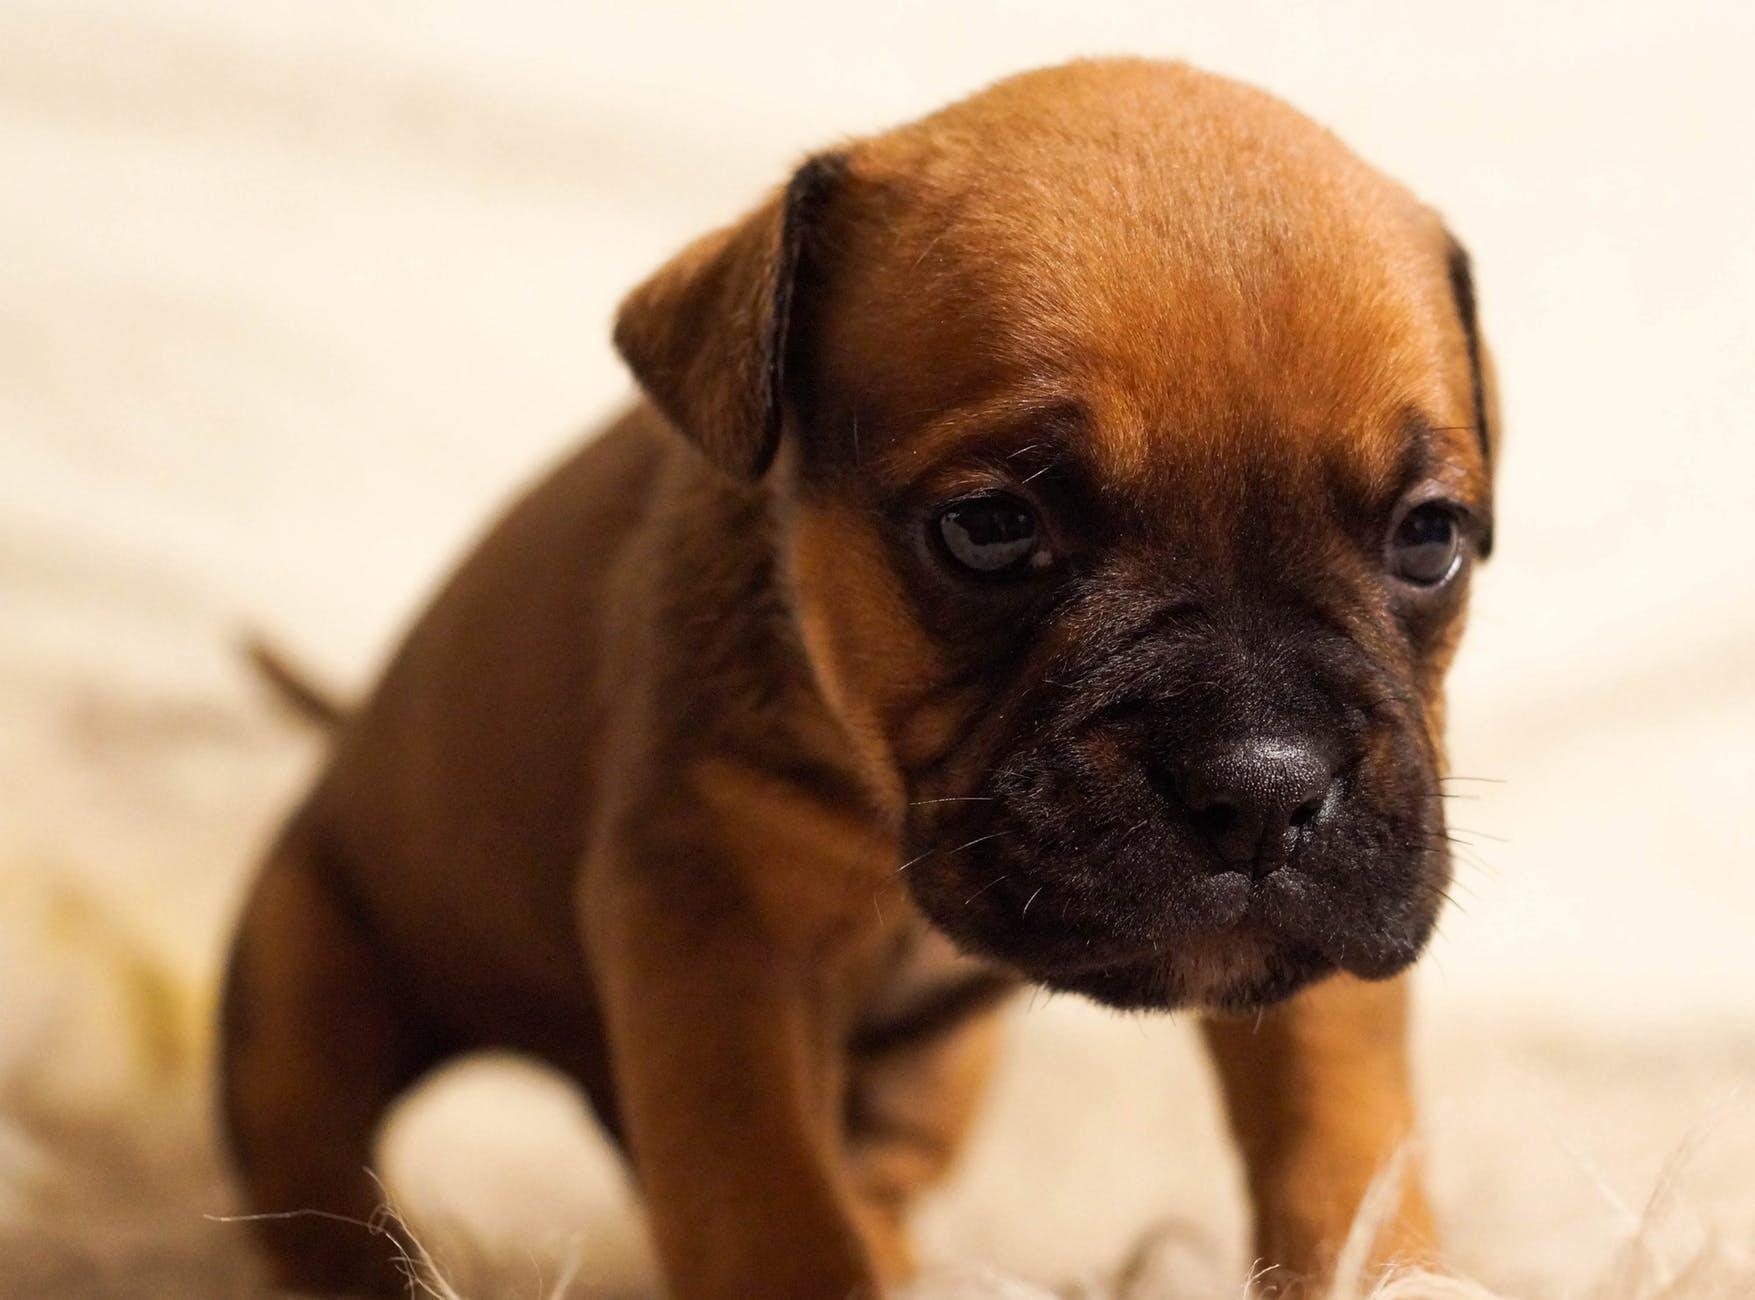 animal dog pet bulldog